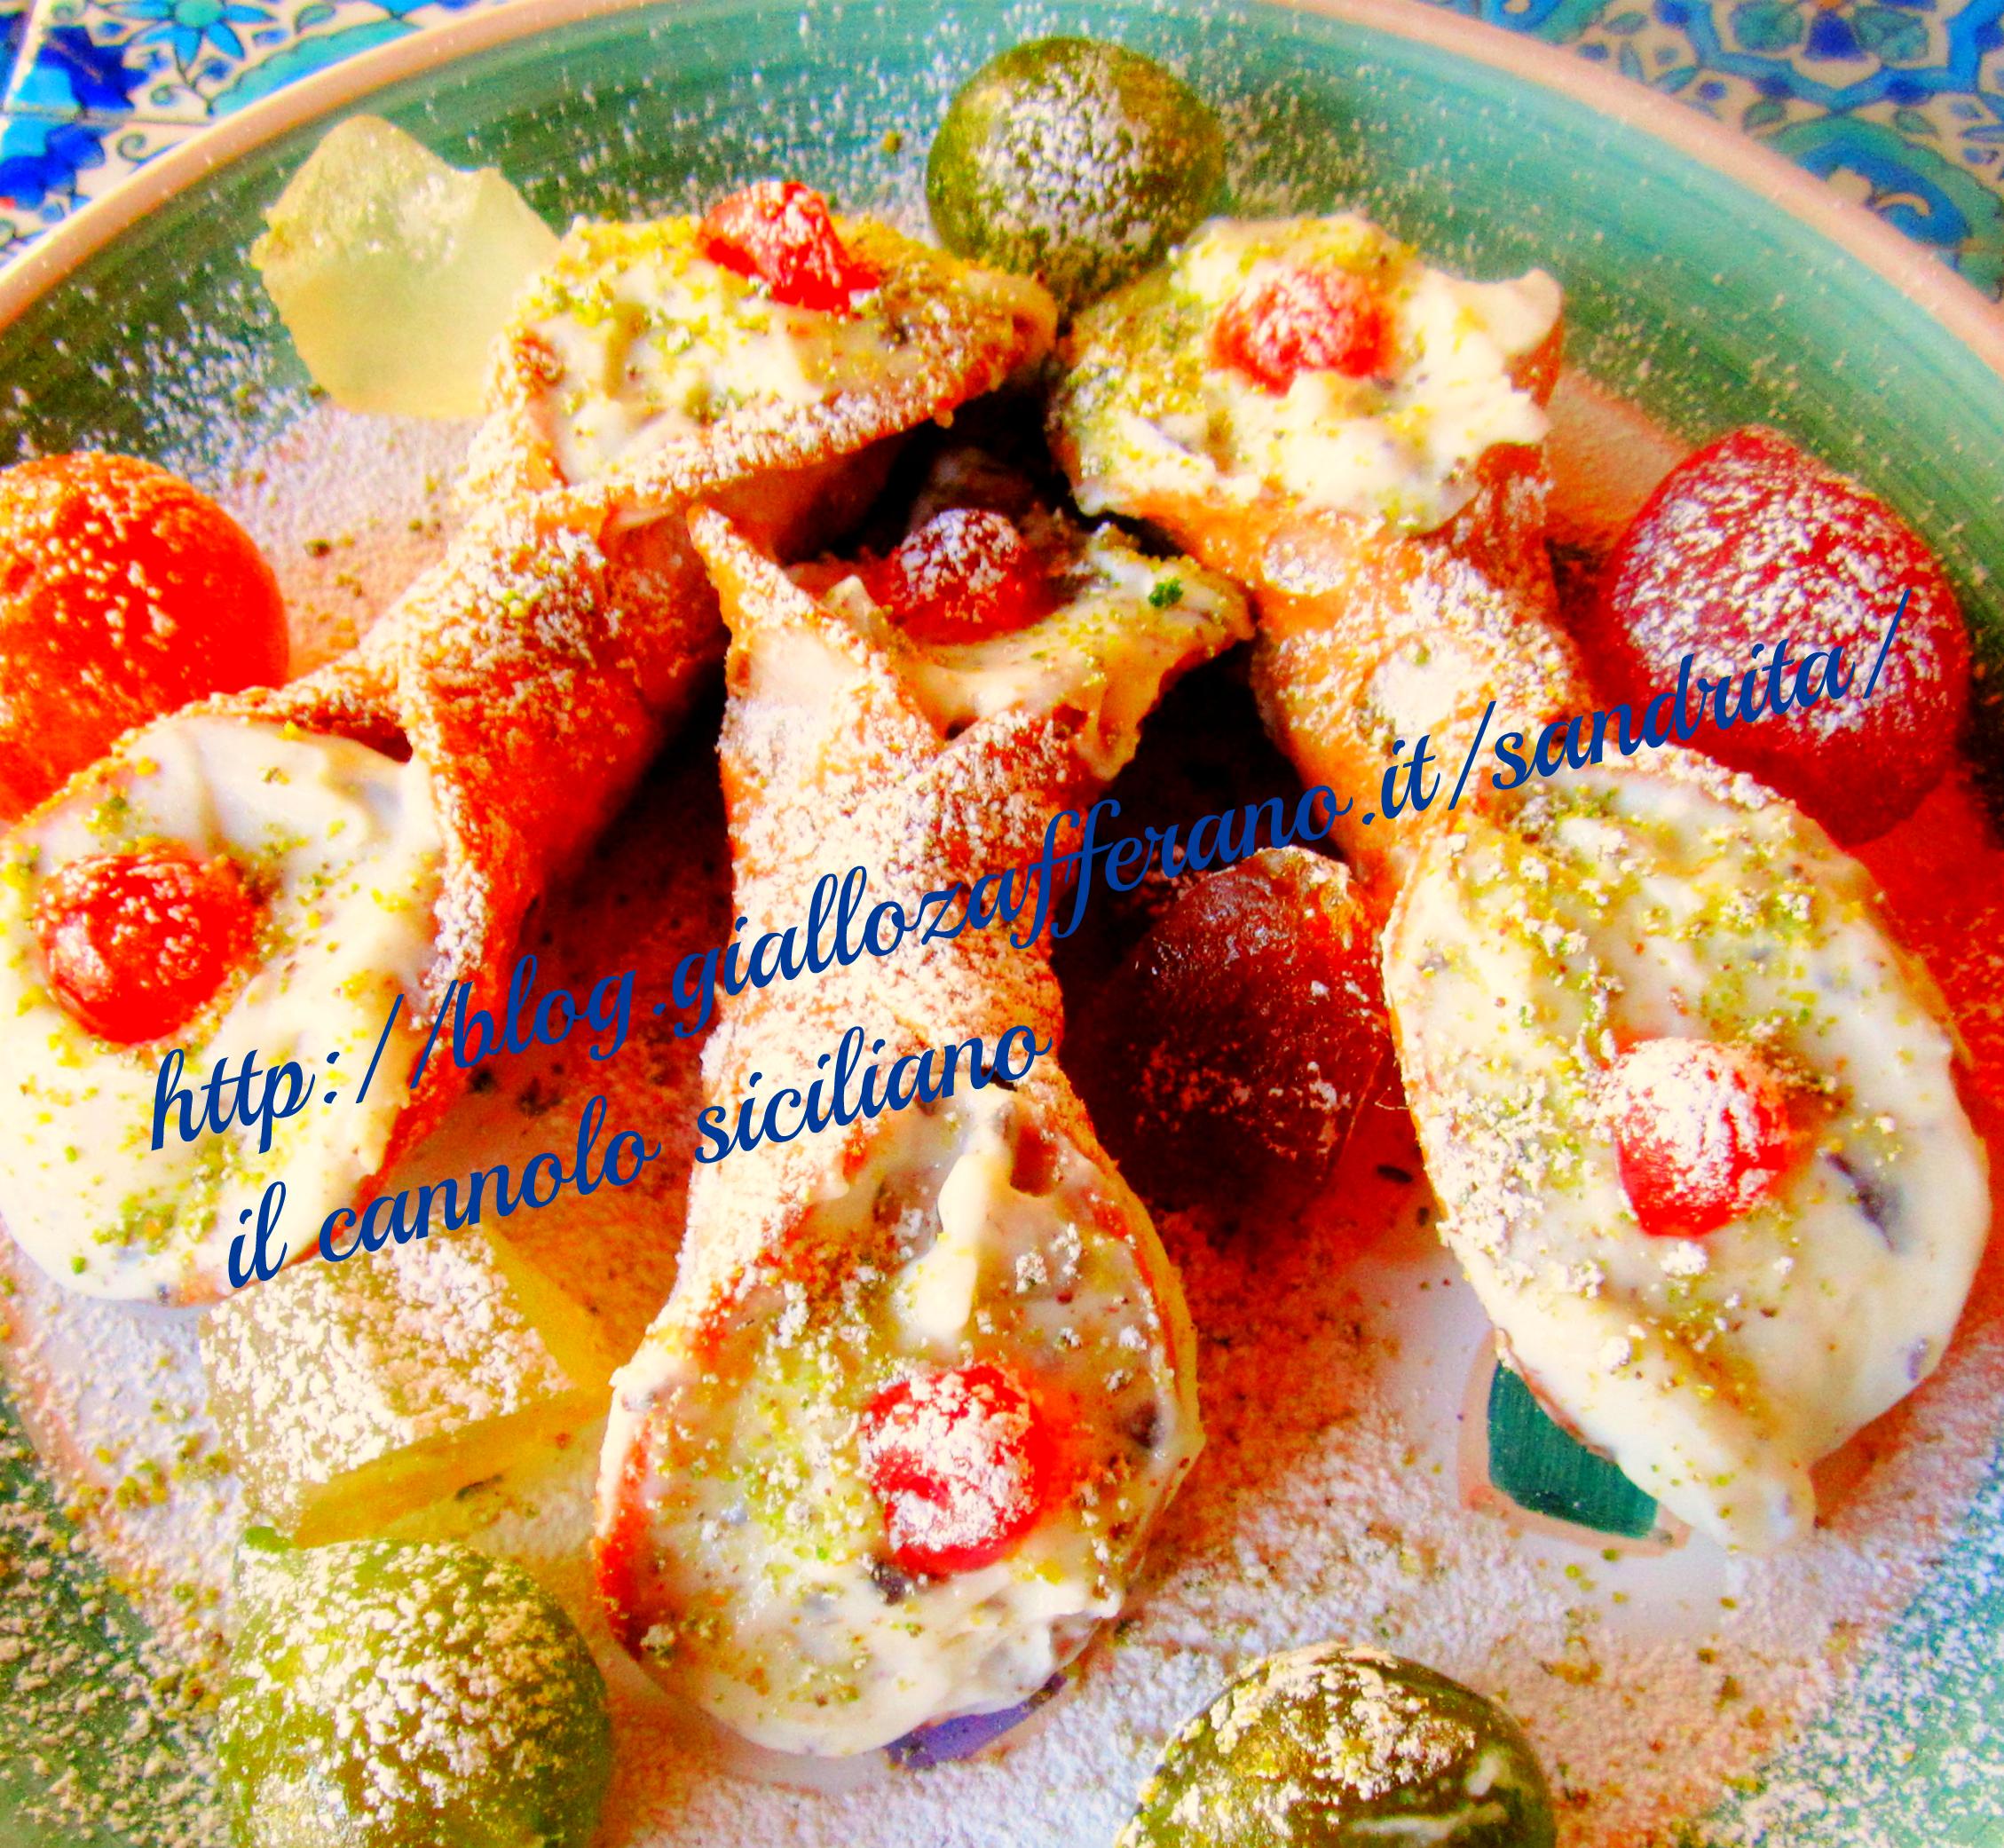 il cannolo siciliano nella cucina di alessandra